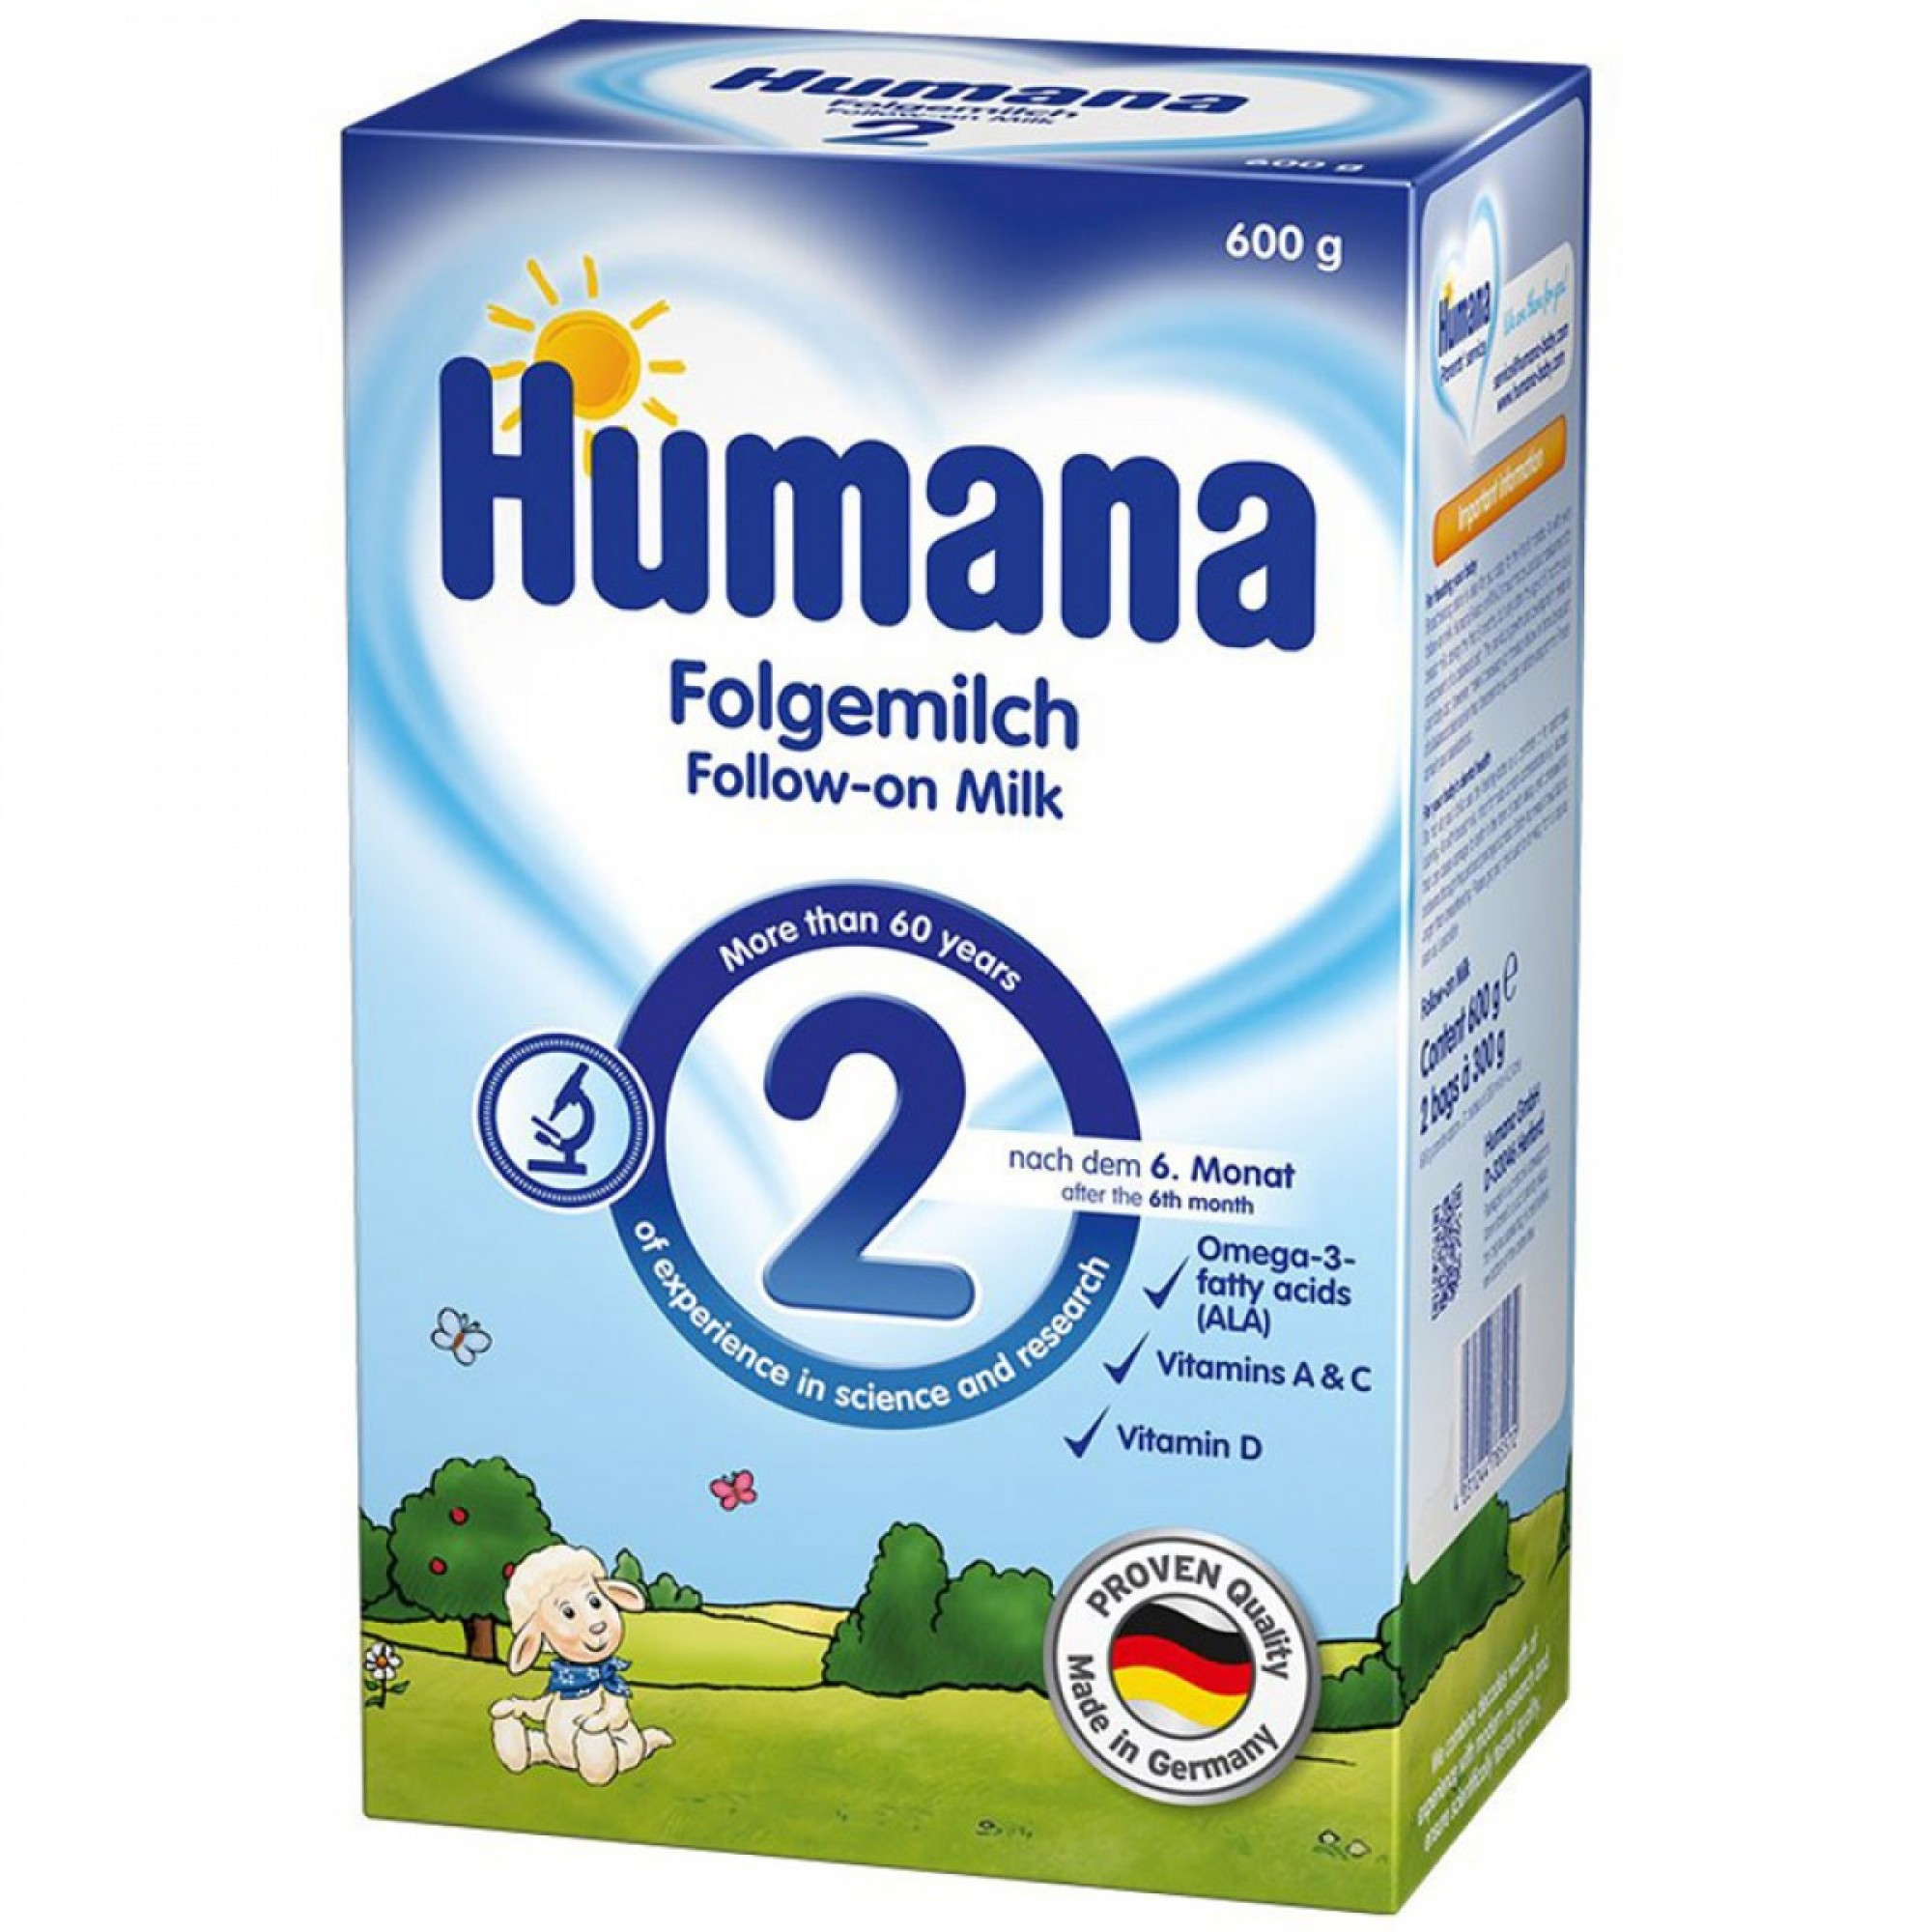 Lapte praf, Humana 2 GOS, 600 g, 6 luni+